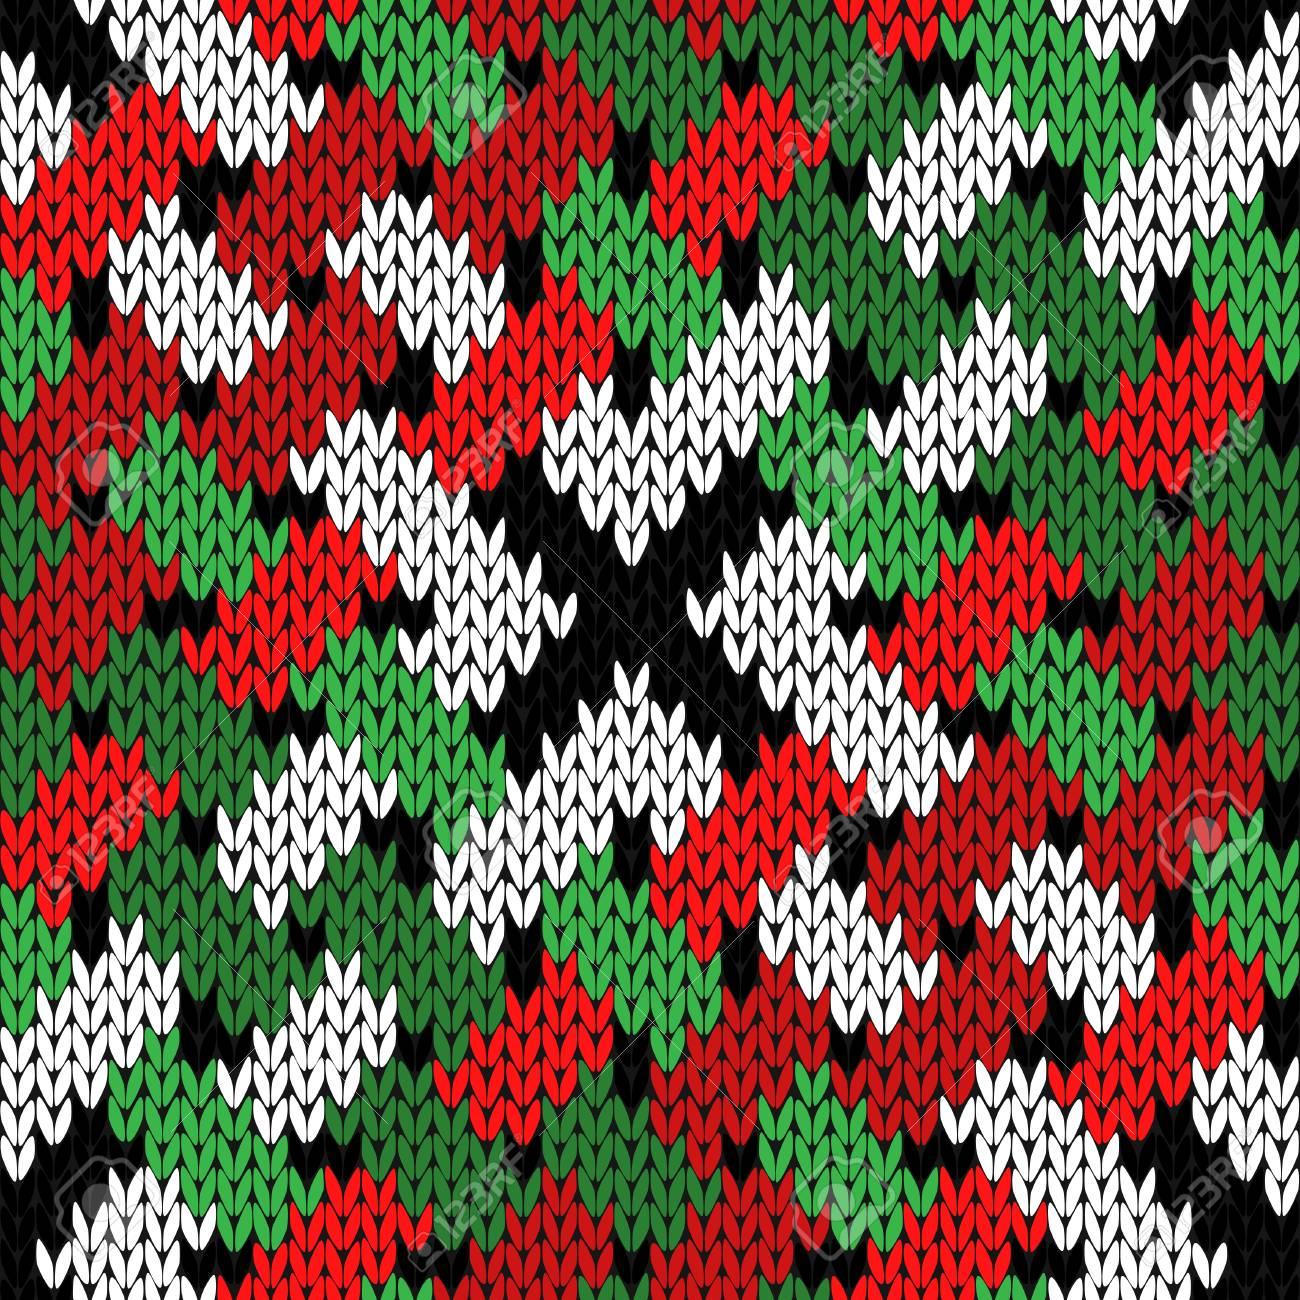 Patrón De Vector Transparente Tejido Entrelazado En Colores Verde ...